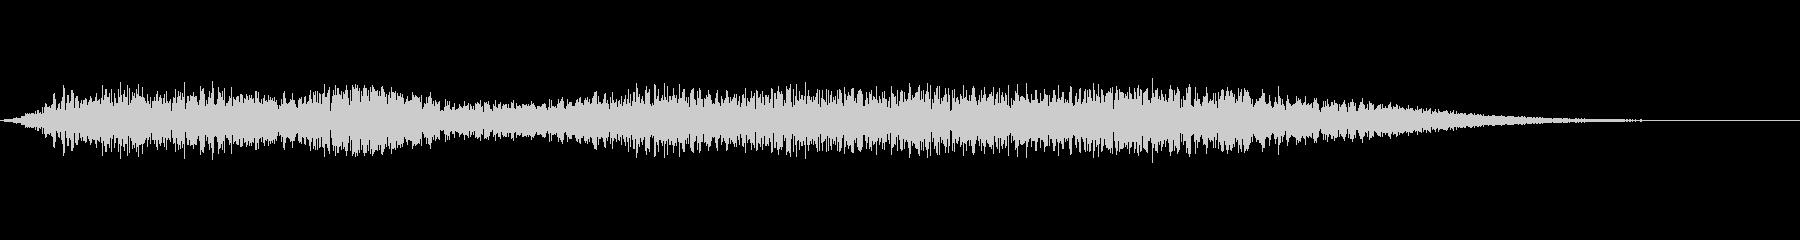 ドローンスプリングランブル3-5.0の未再生の波形